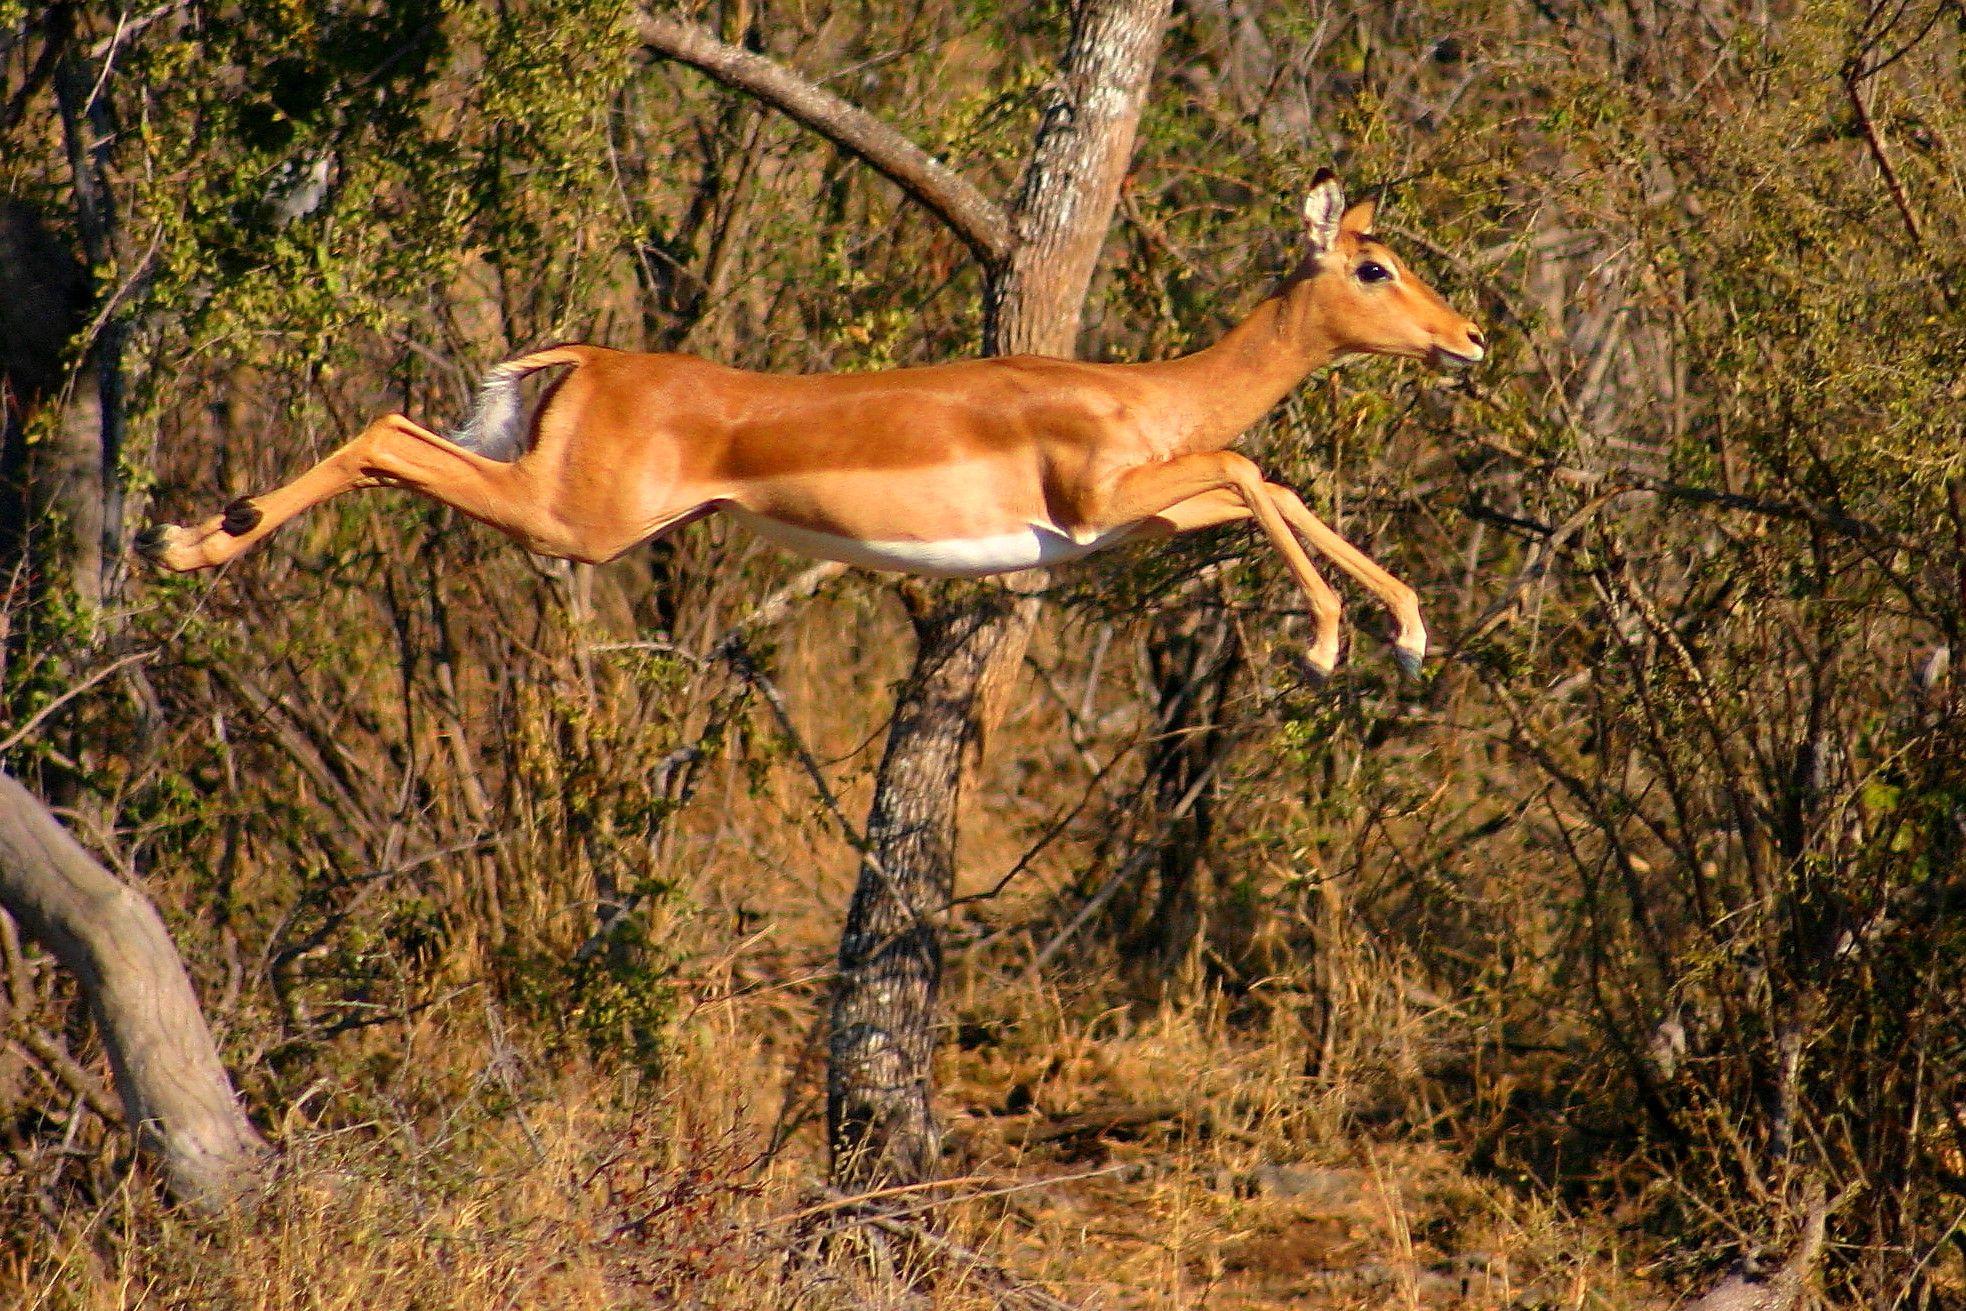 impala animal jumping - HD1966×1311